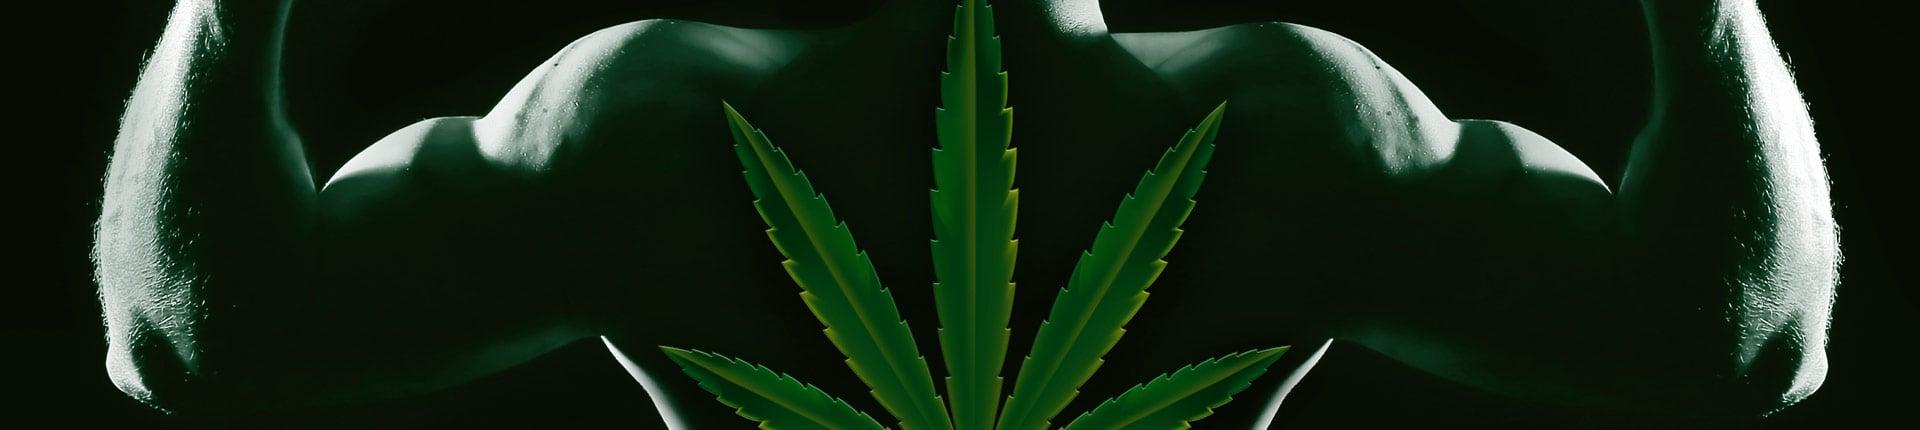 Marihuana w sporcie: korzyści i zagrożenia, wpływ na zdrowie